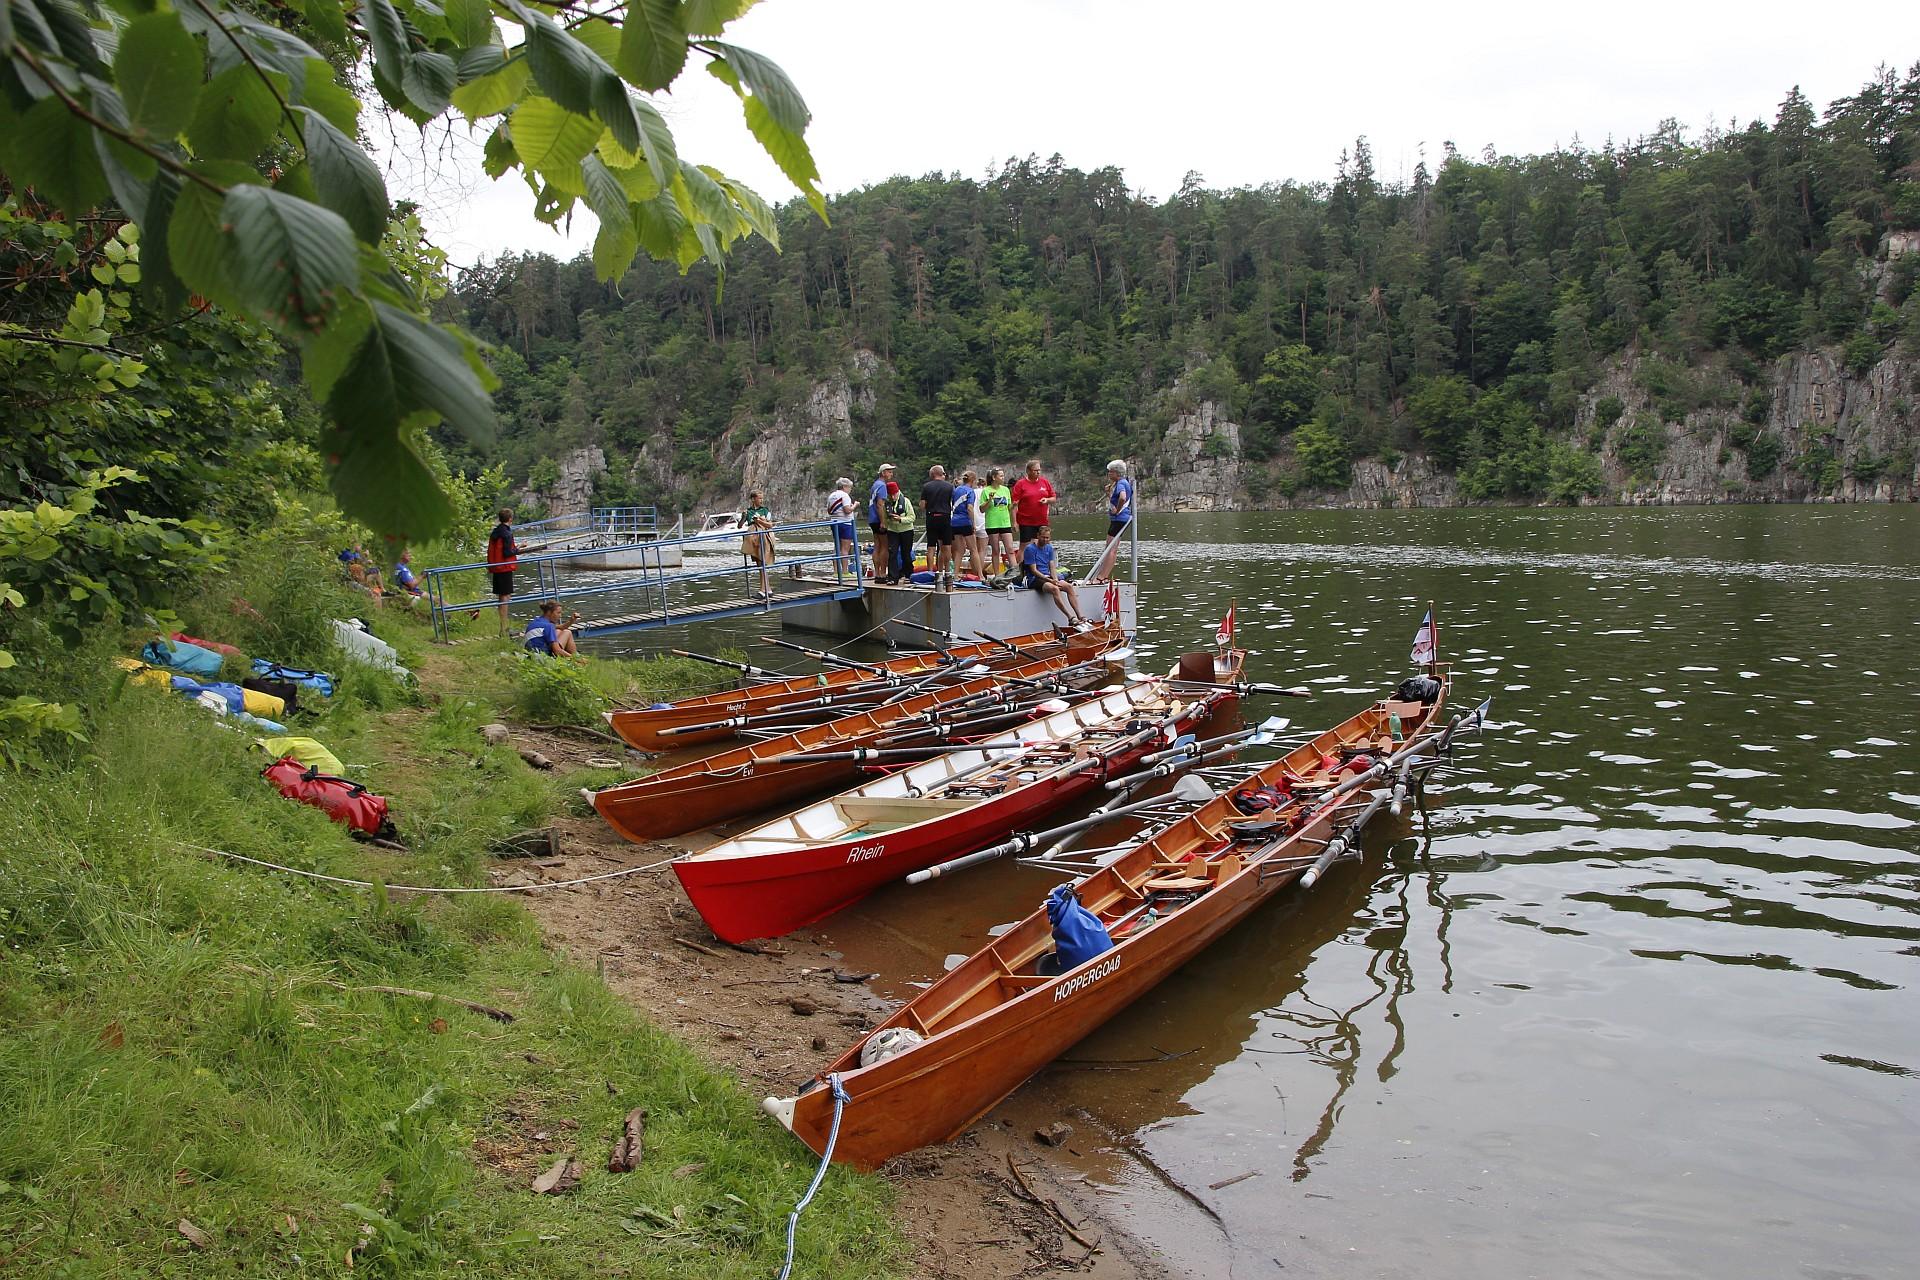 Mehrere Ruderboote liegen am Ufer.